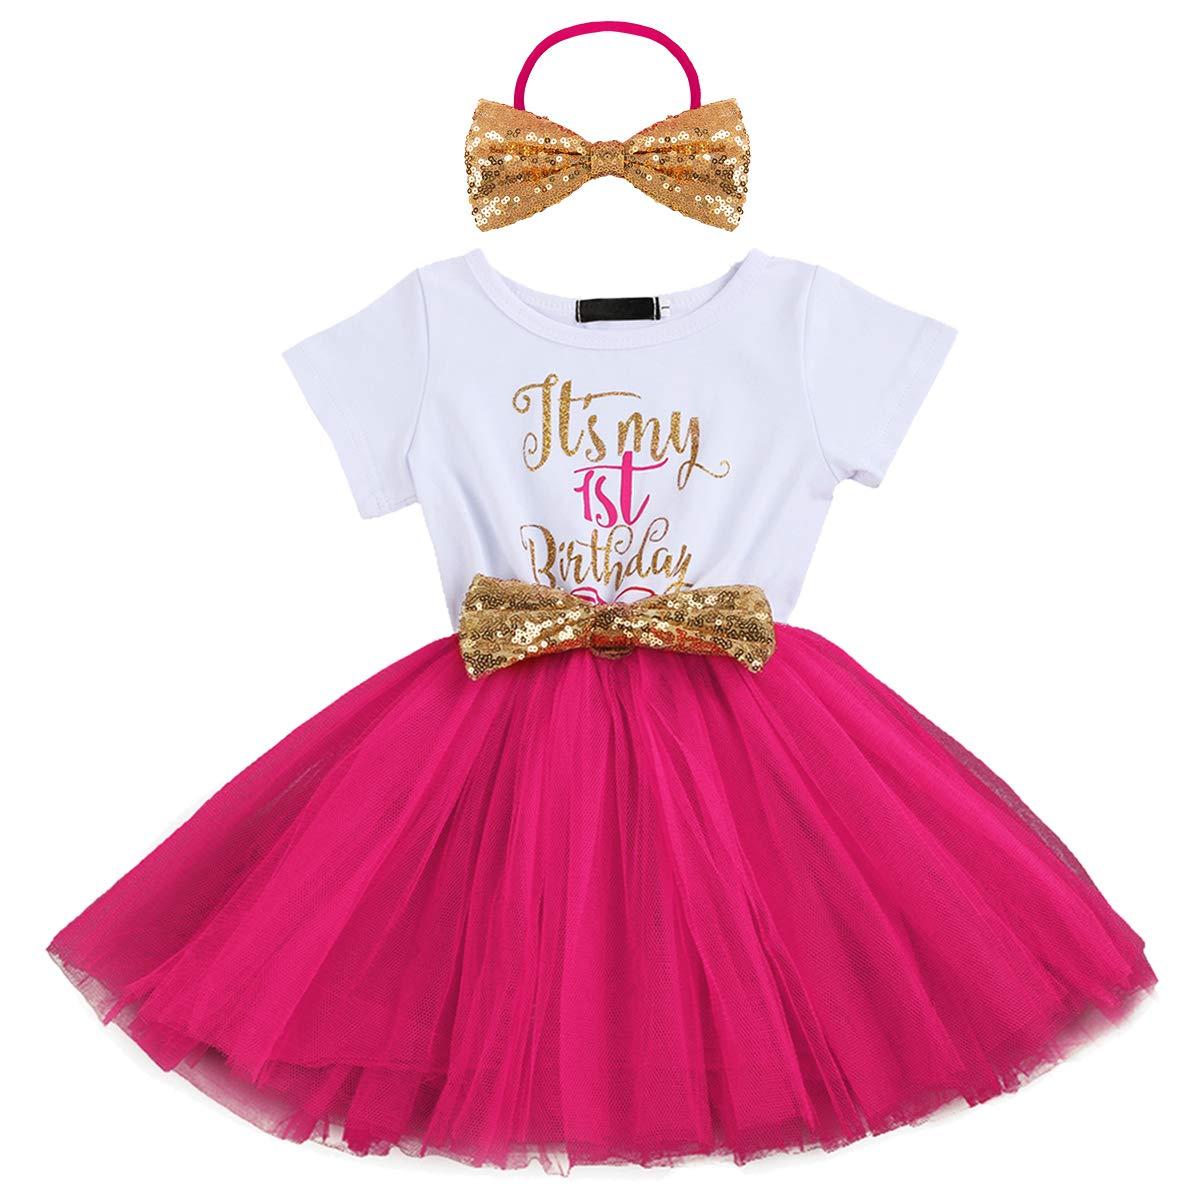 訳あり IWEMEK IWEMEK DRESS B07HHRNYHN ベビーガールズ Rose One Rose Year+ Gold Headband B07HHRNYHN, ハママスグン:0de9cfa5 --- a0267596.xsph.ru